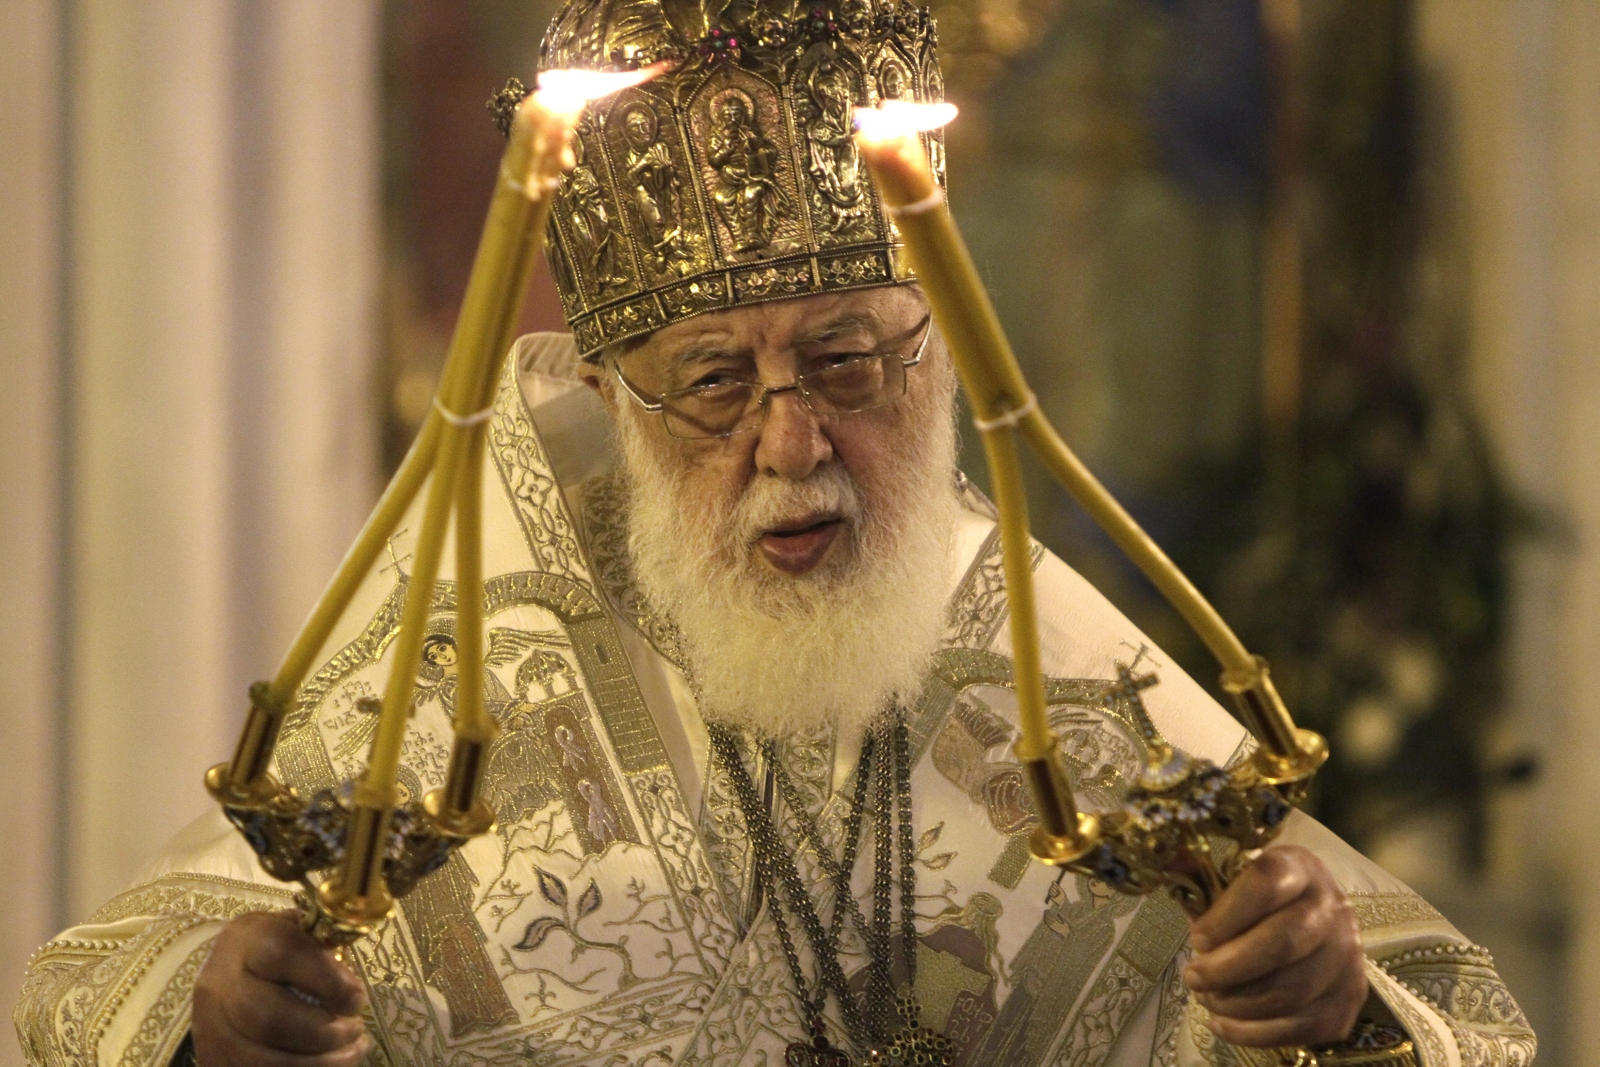 Georgian Patriarch Ilia II